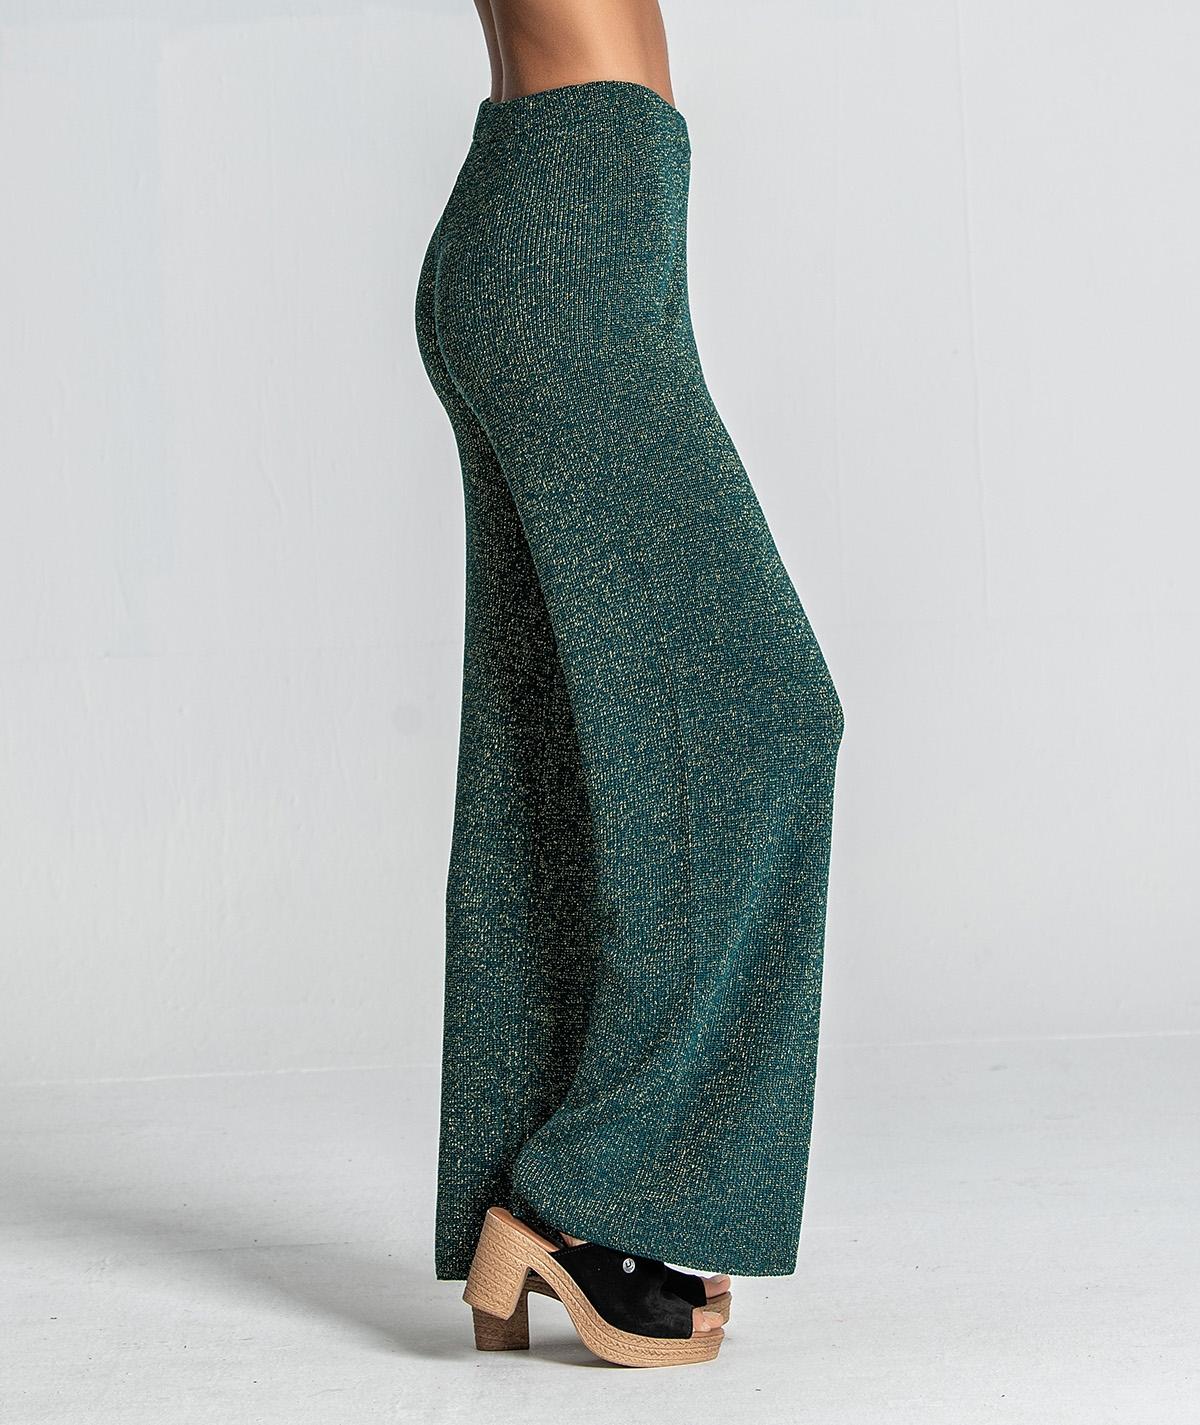 Calça tricot brilho